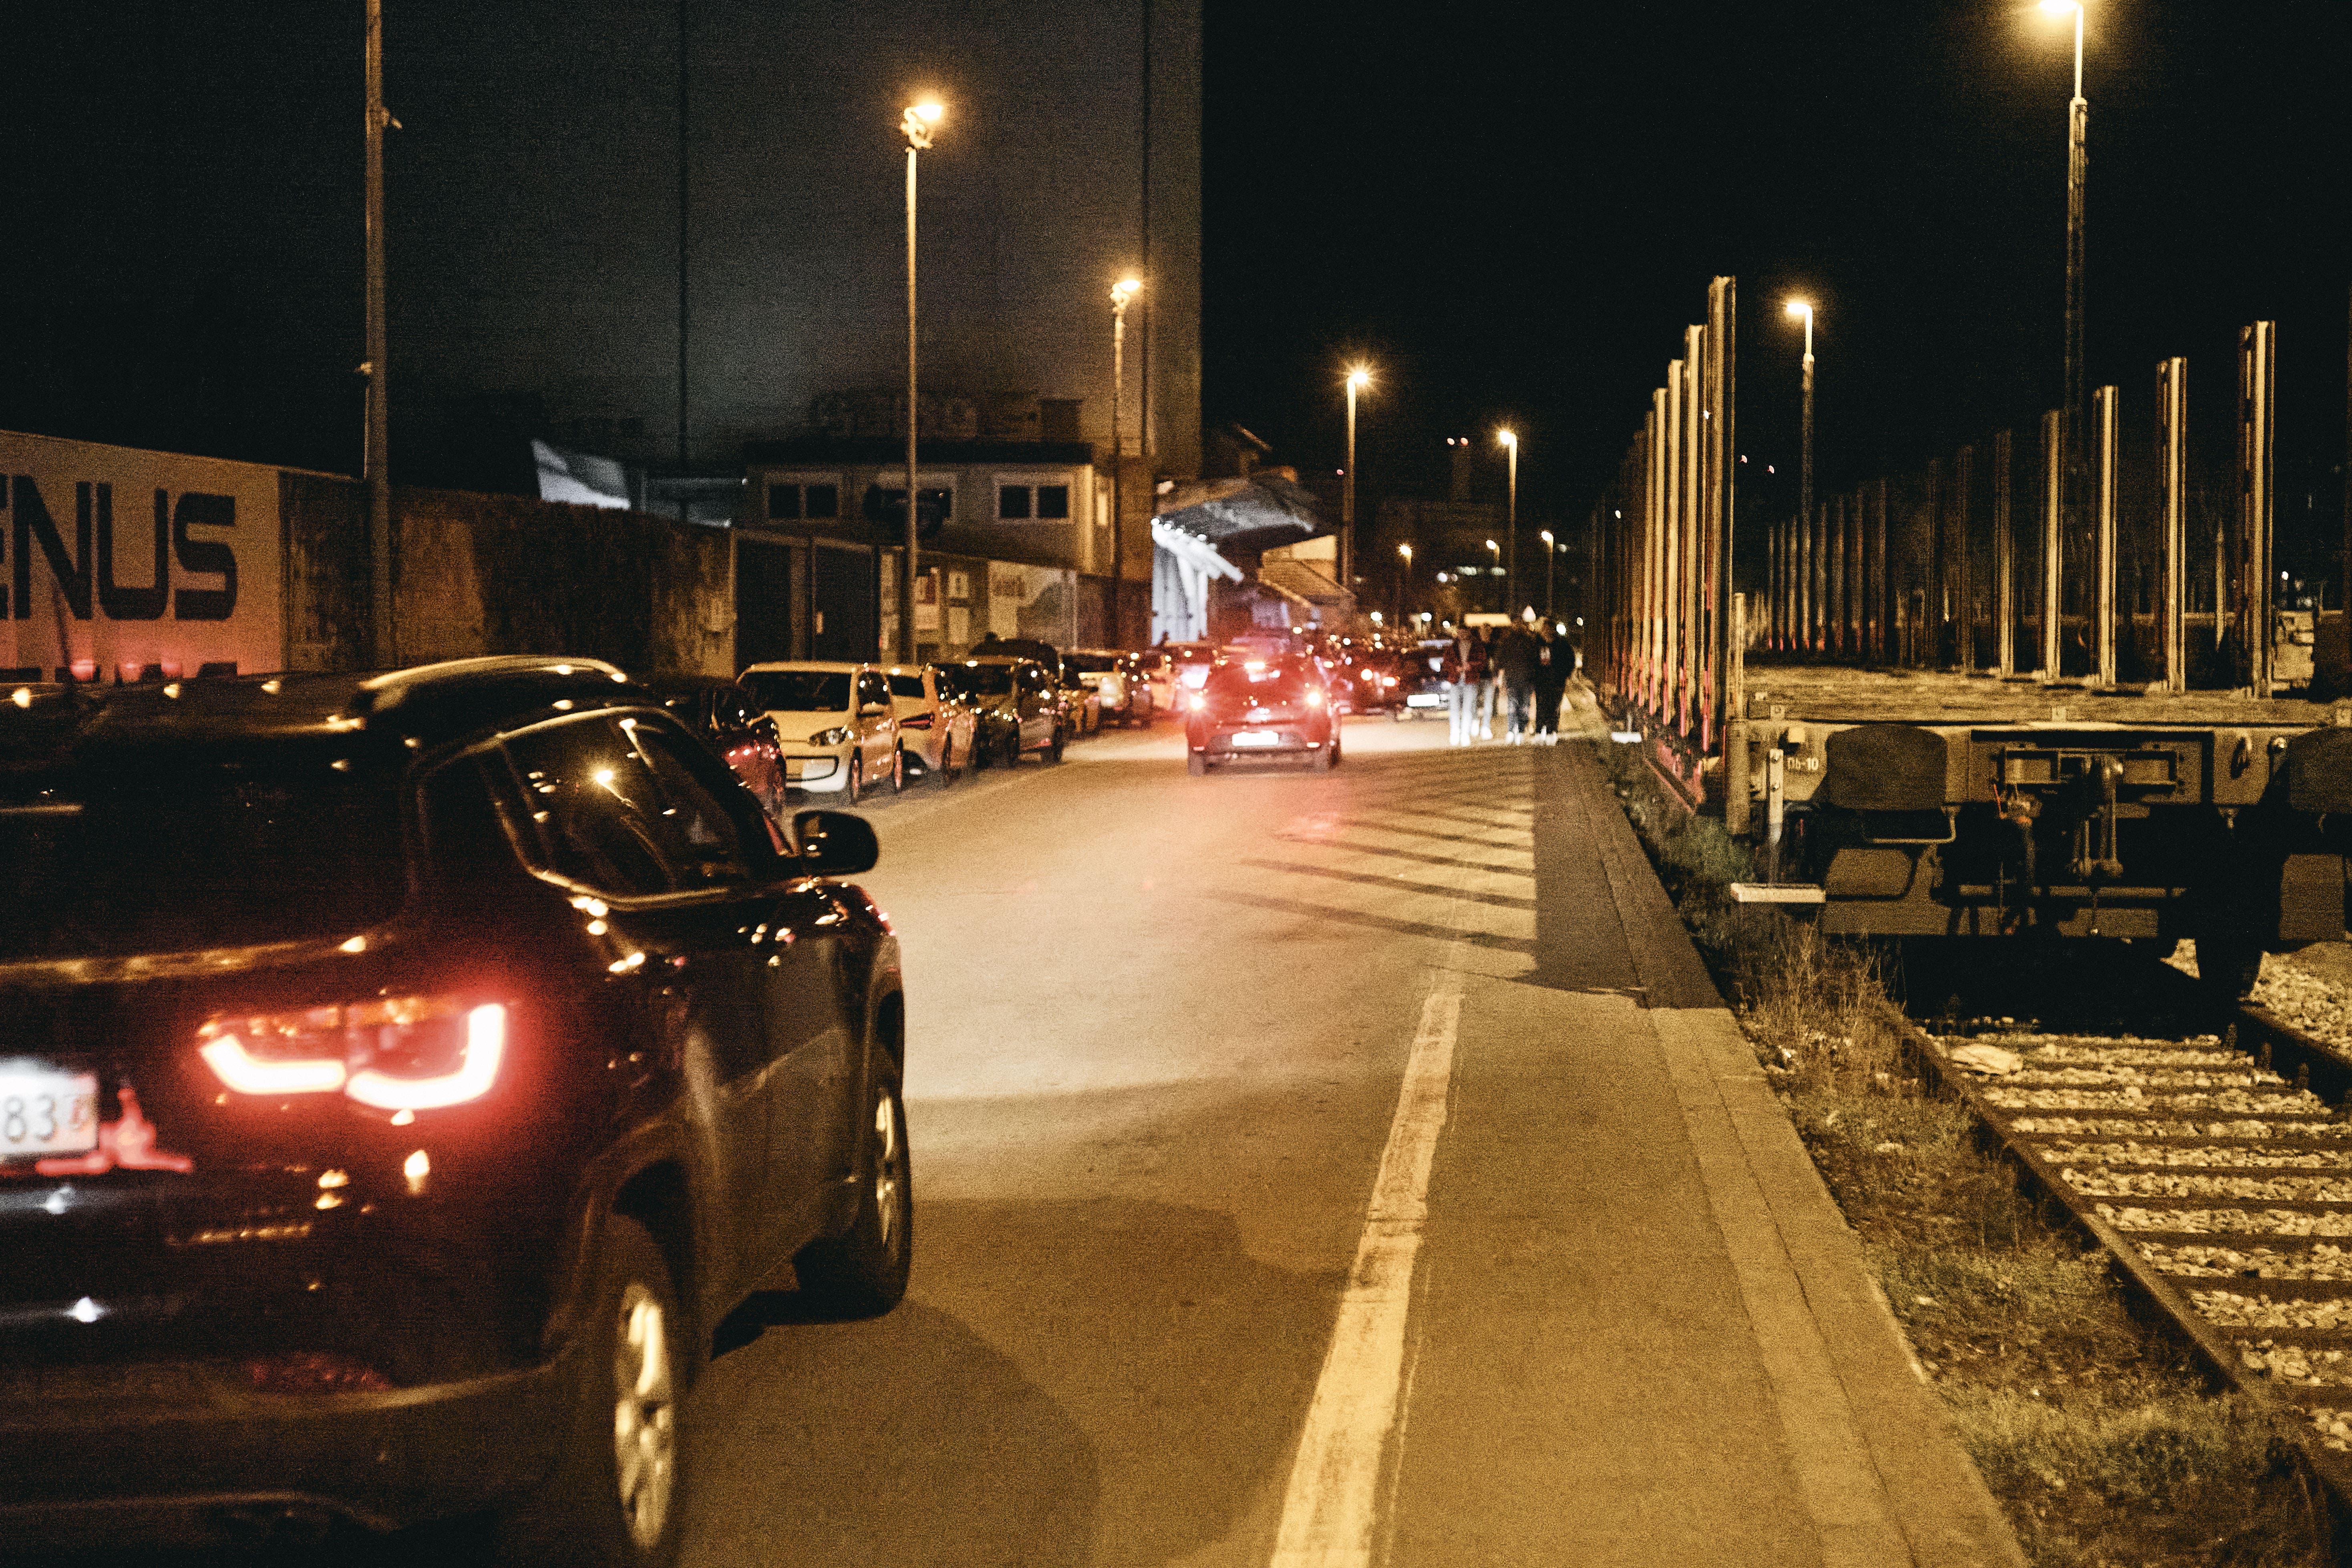 Vor einigen Jahren hatte die Polizei auf der Strecke Bodenwellen installiert, um schnelles Fahren und Beschleunigen zu verhindern.